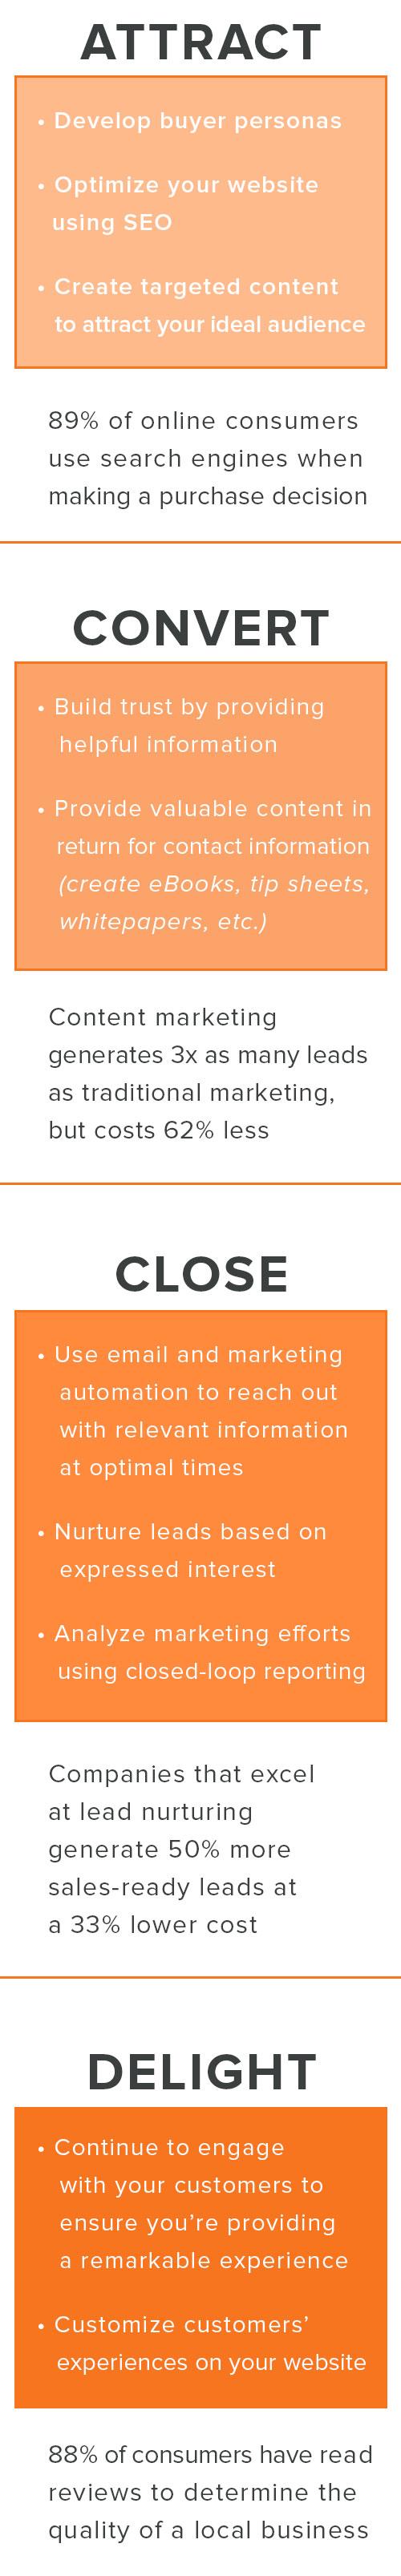 Sales_Walk_Through_Funnel_Graphic_MOBILE_Inbound_Methodology.jpg